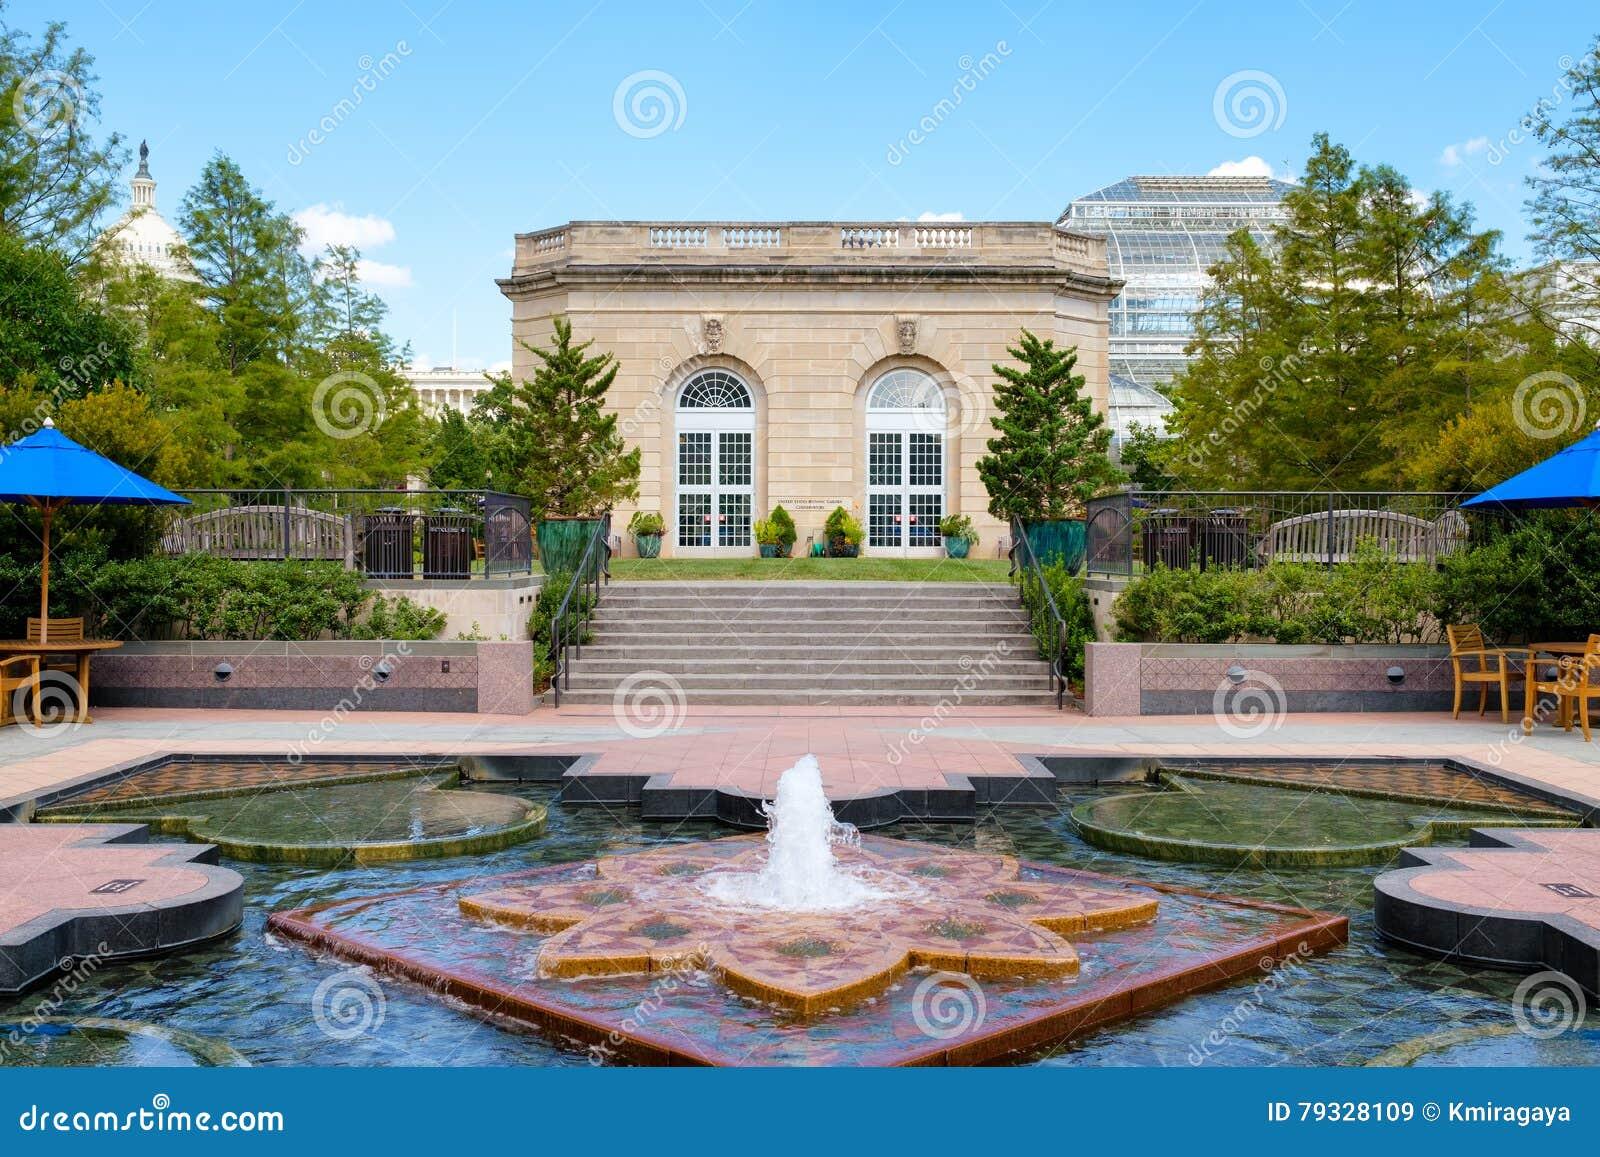 Förenta staternabotaniska trädgården i Washington D C